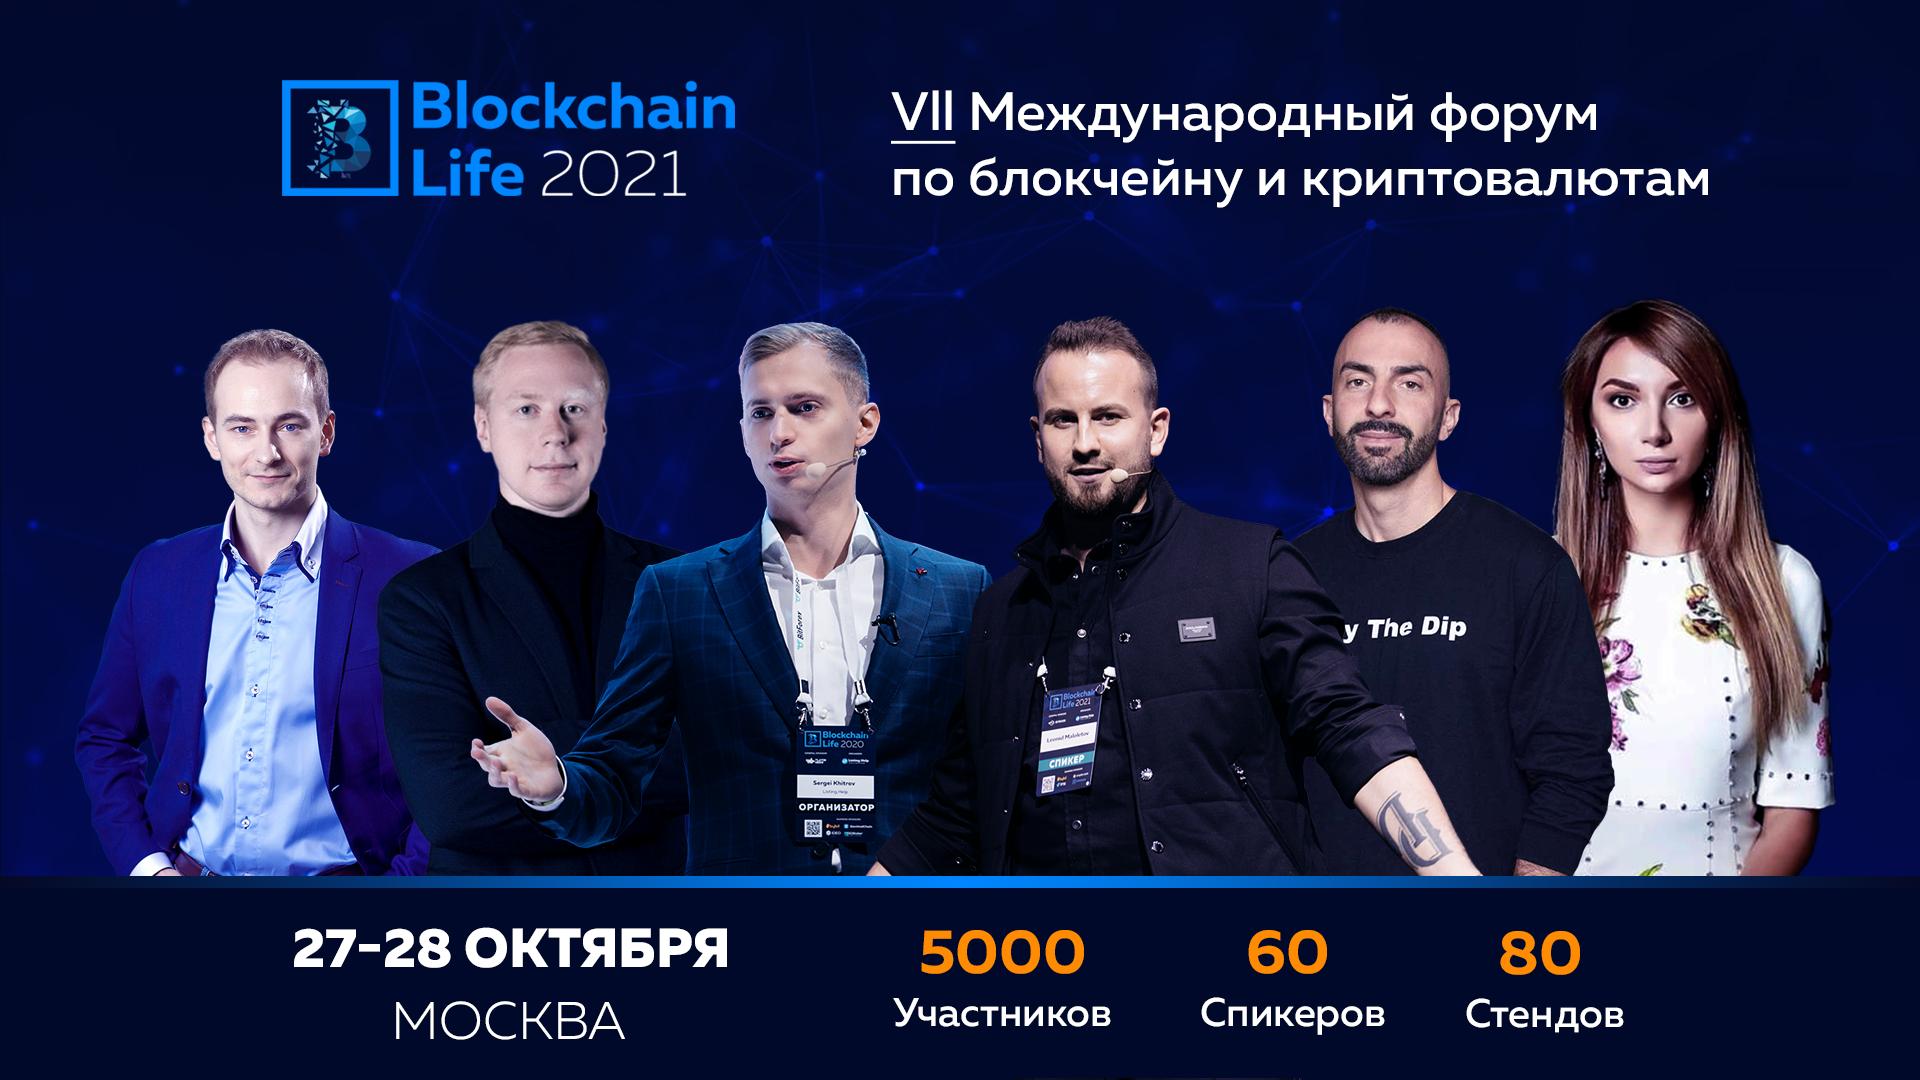 Фото - логотип Blockchain Life 2021 27-28 октября 2021